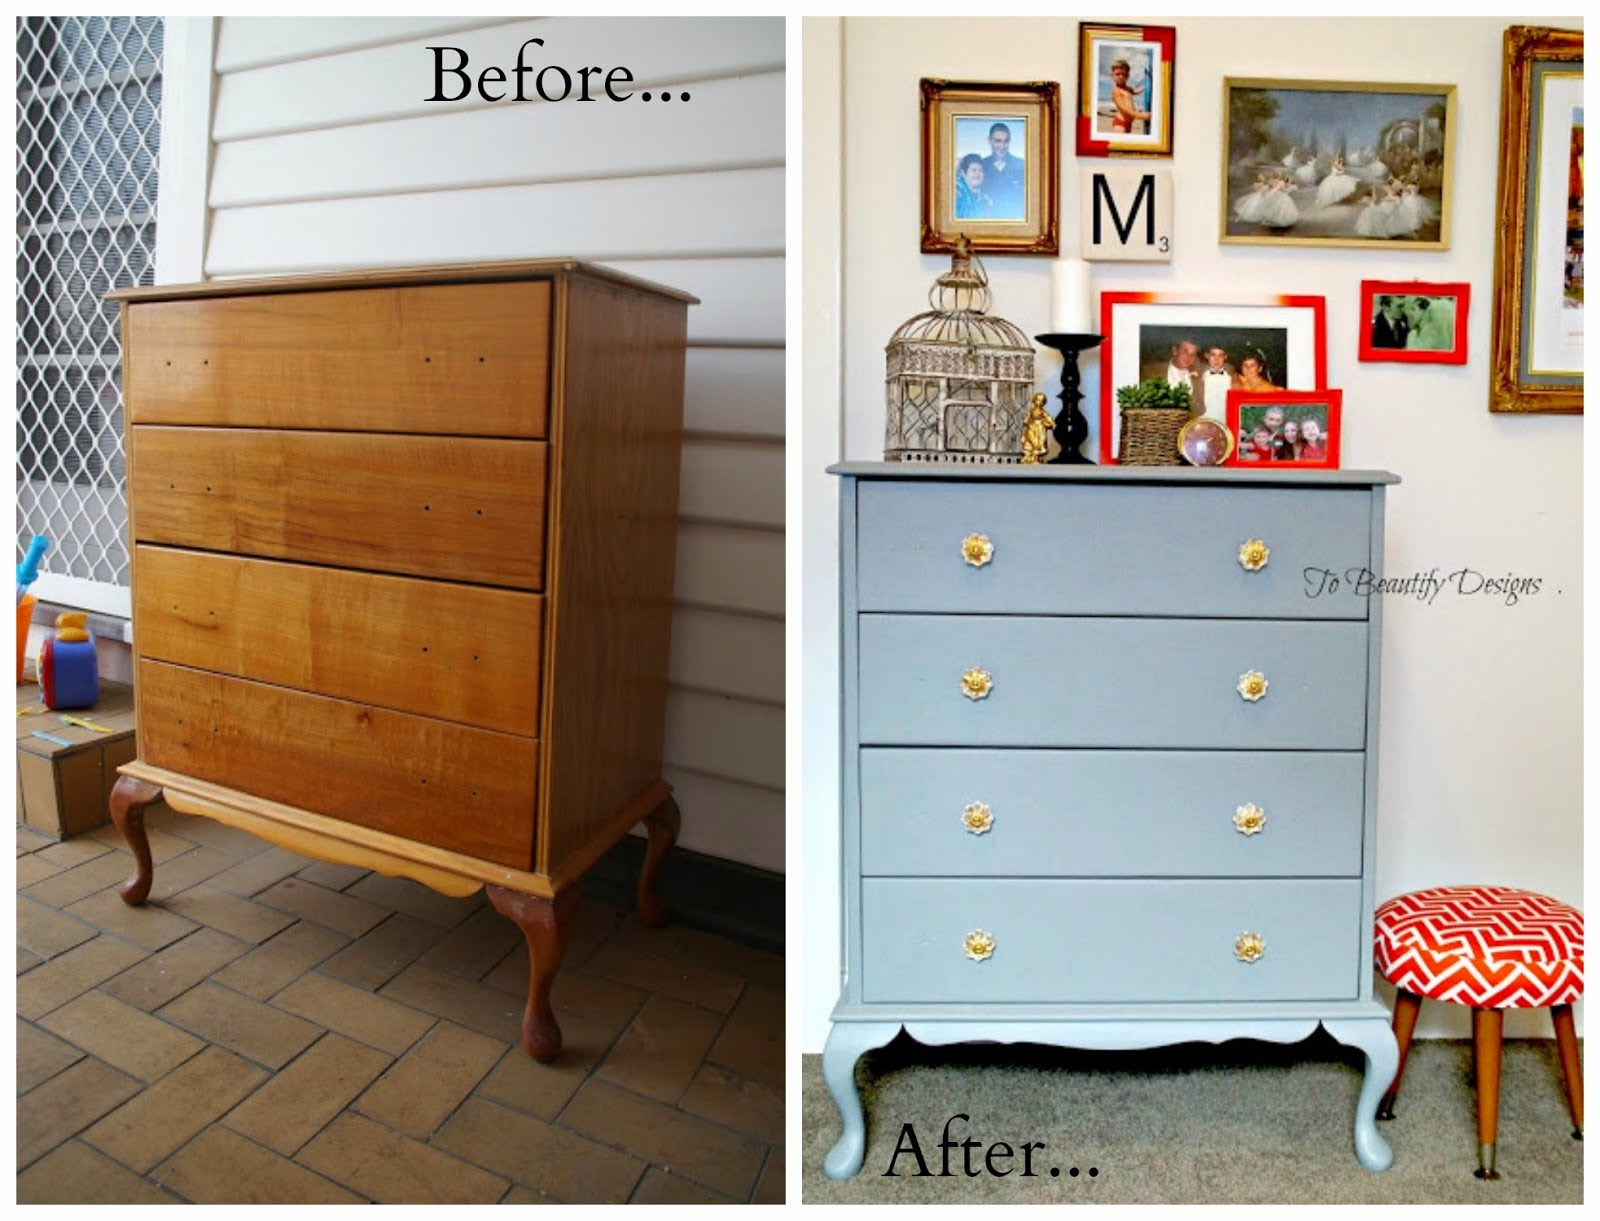 Refurbishing Furniture Blog images